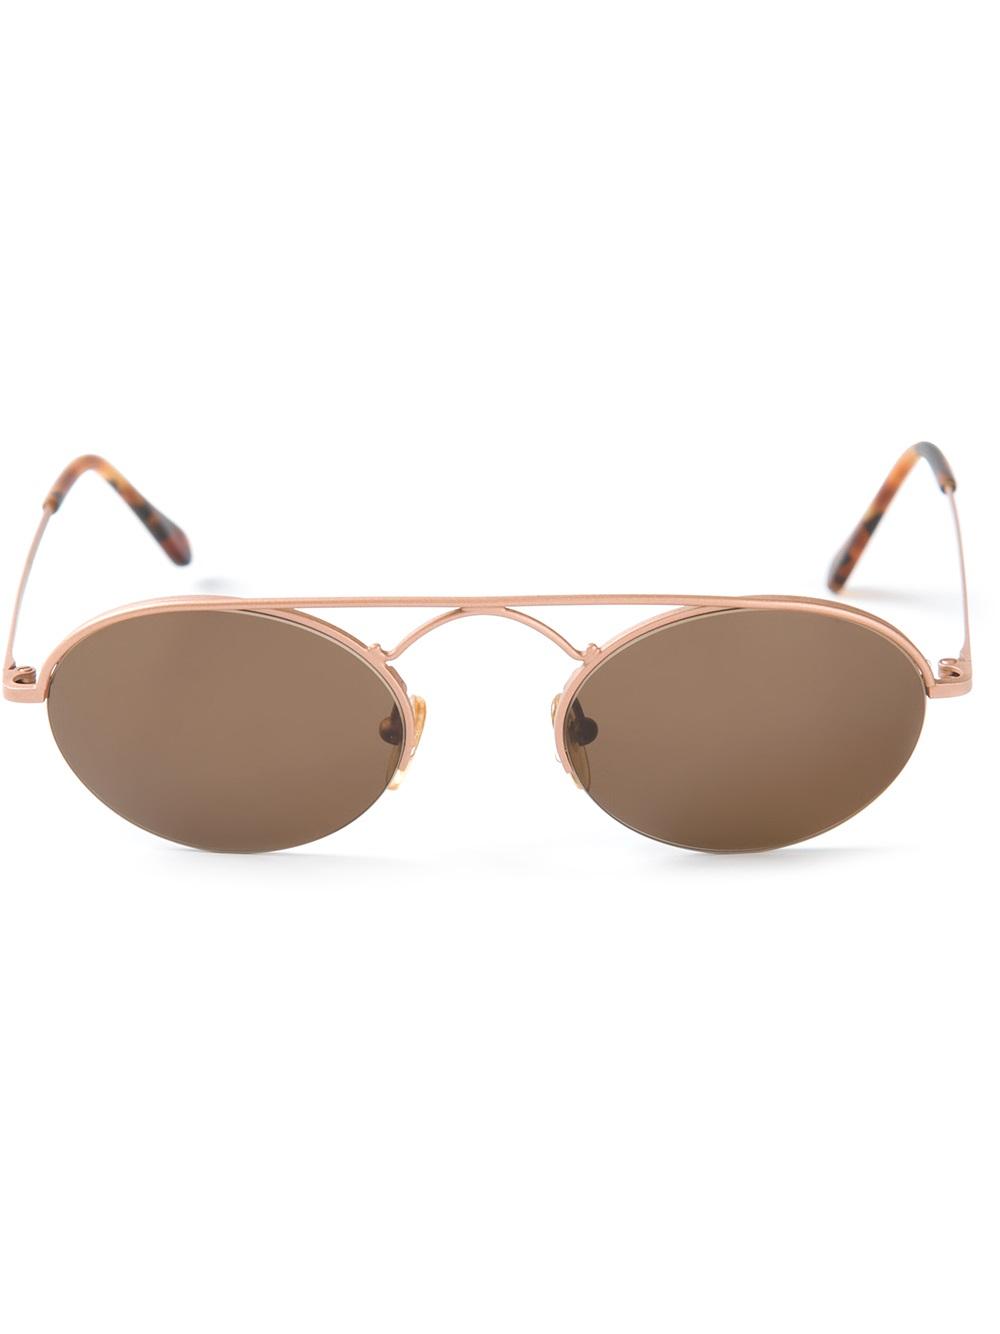 90s Sunglasses  romeo gigli 90s sunglasses in pink lyst